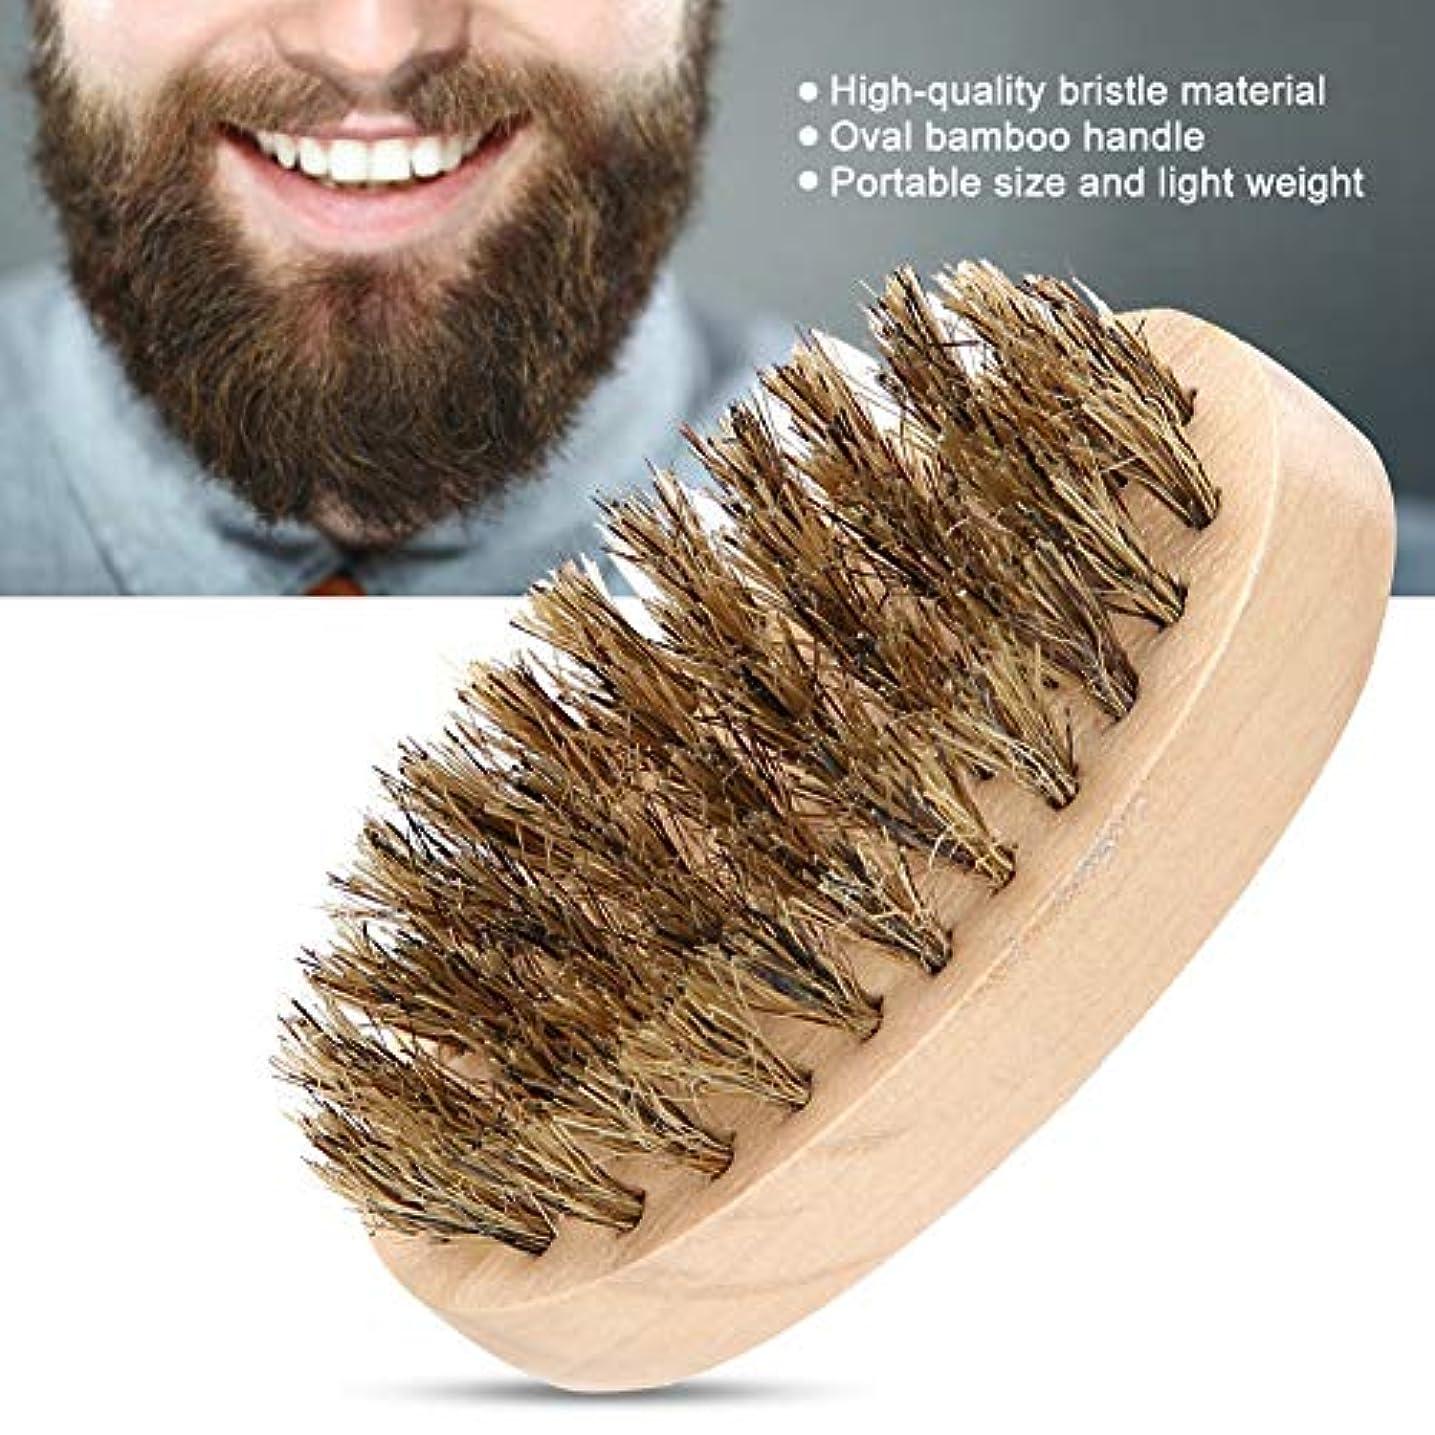 ビジネス集団正しい柔らかいひげのブラシ 男性の柔らかい毛のComの櫛の楕円形のタケハンドルのひげの形成用具